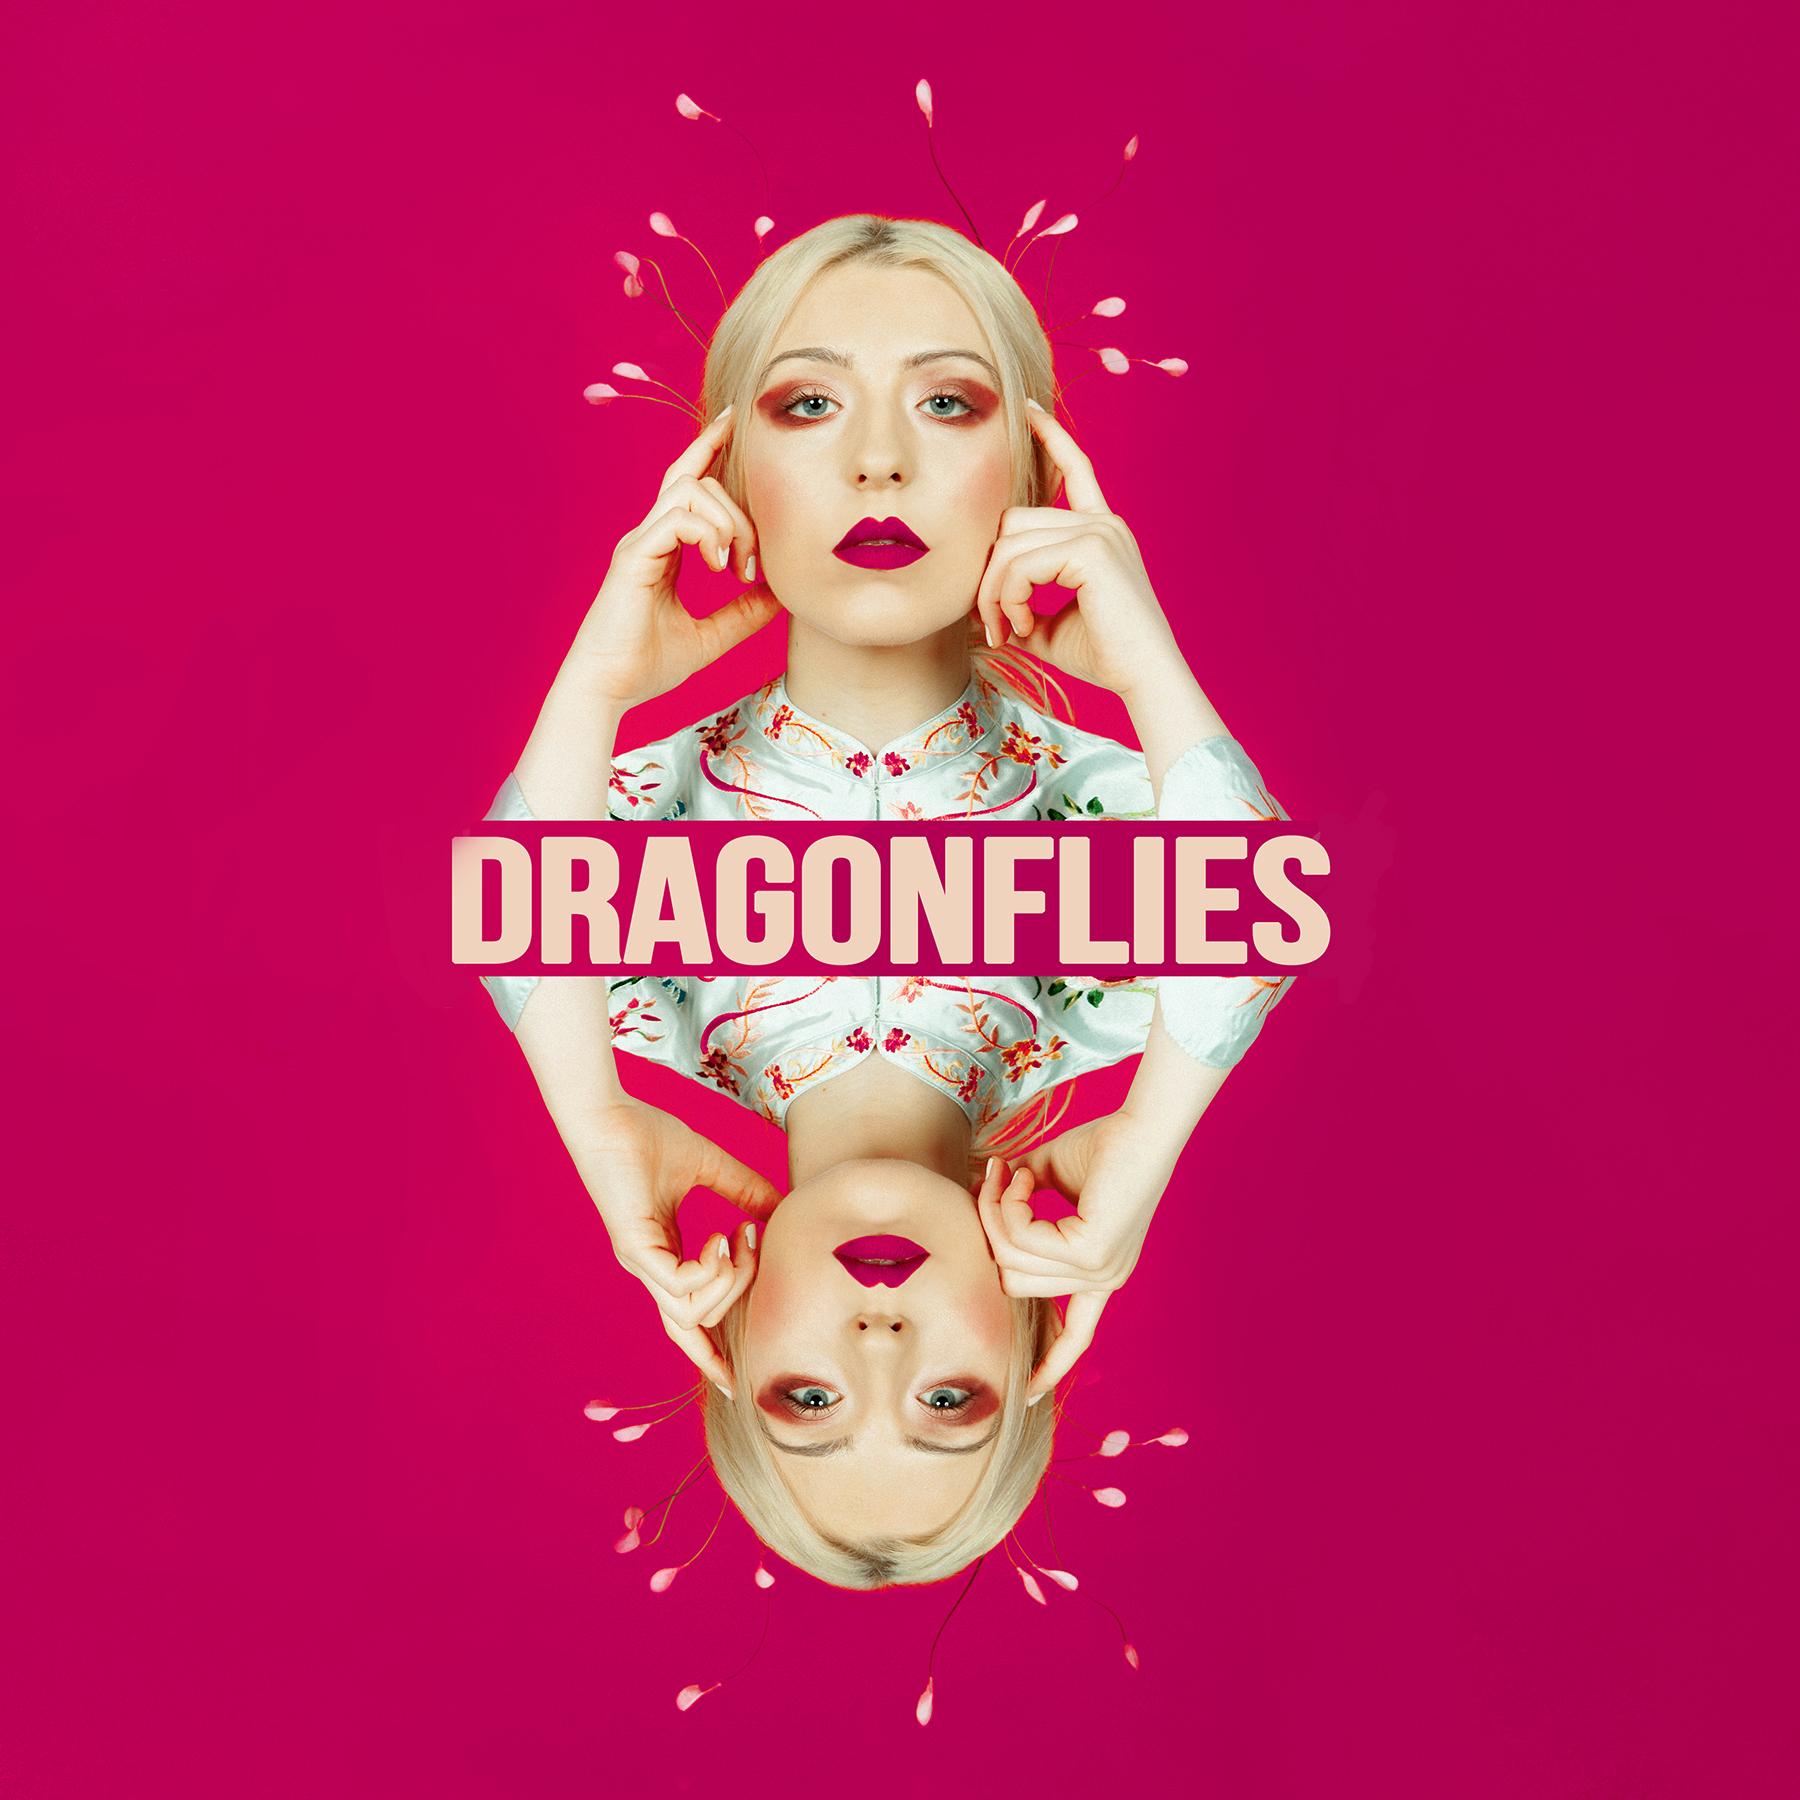 Svrcina DRAGONFLIES Digital Cover.jpg